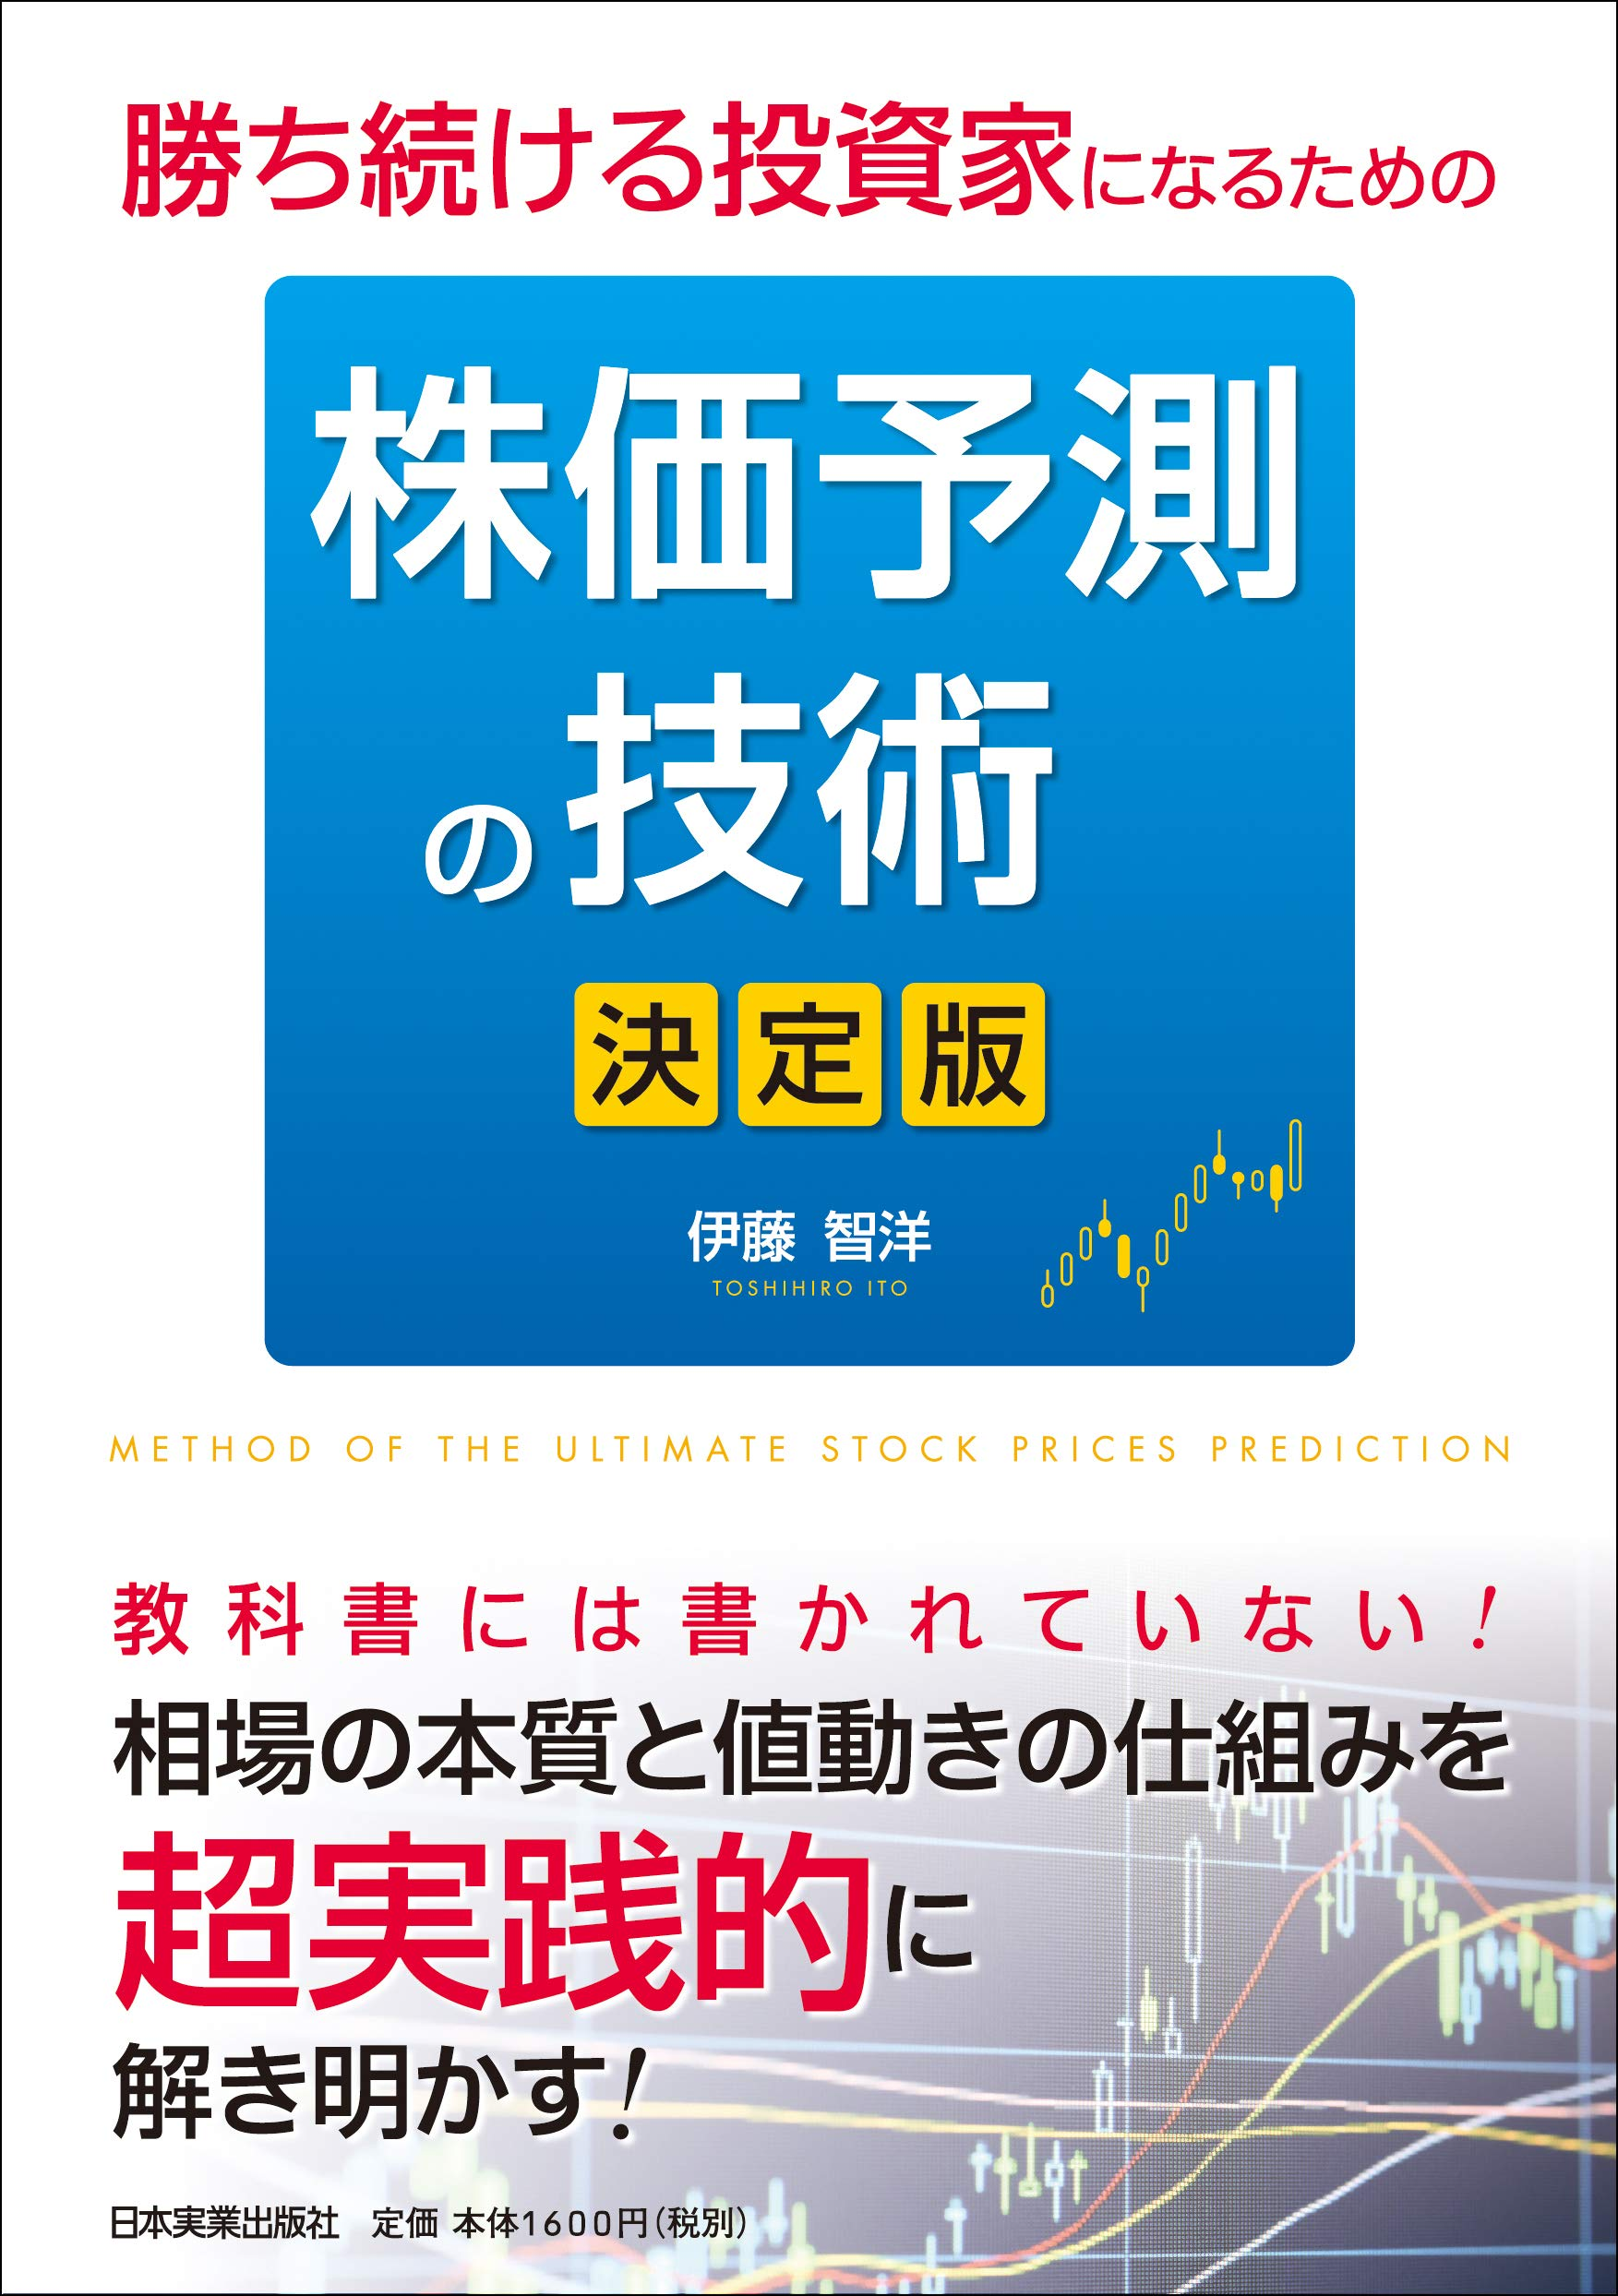 あつ森 株価チャート